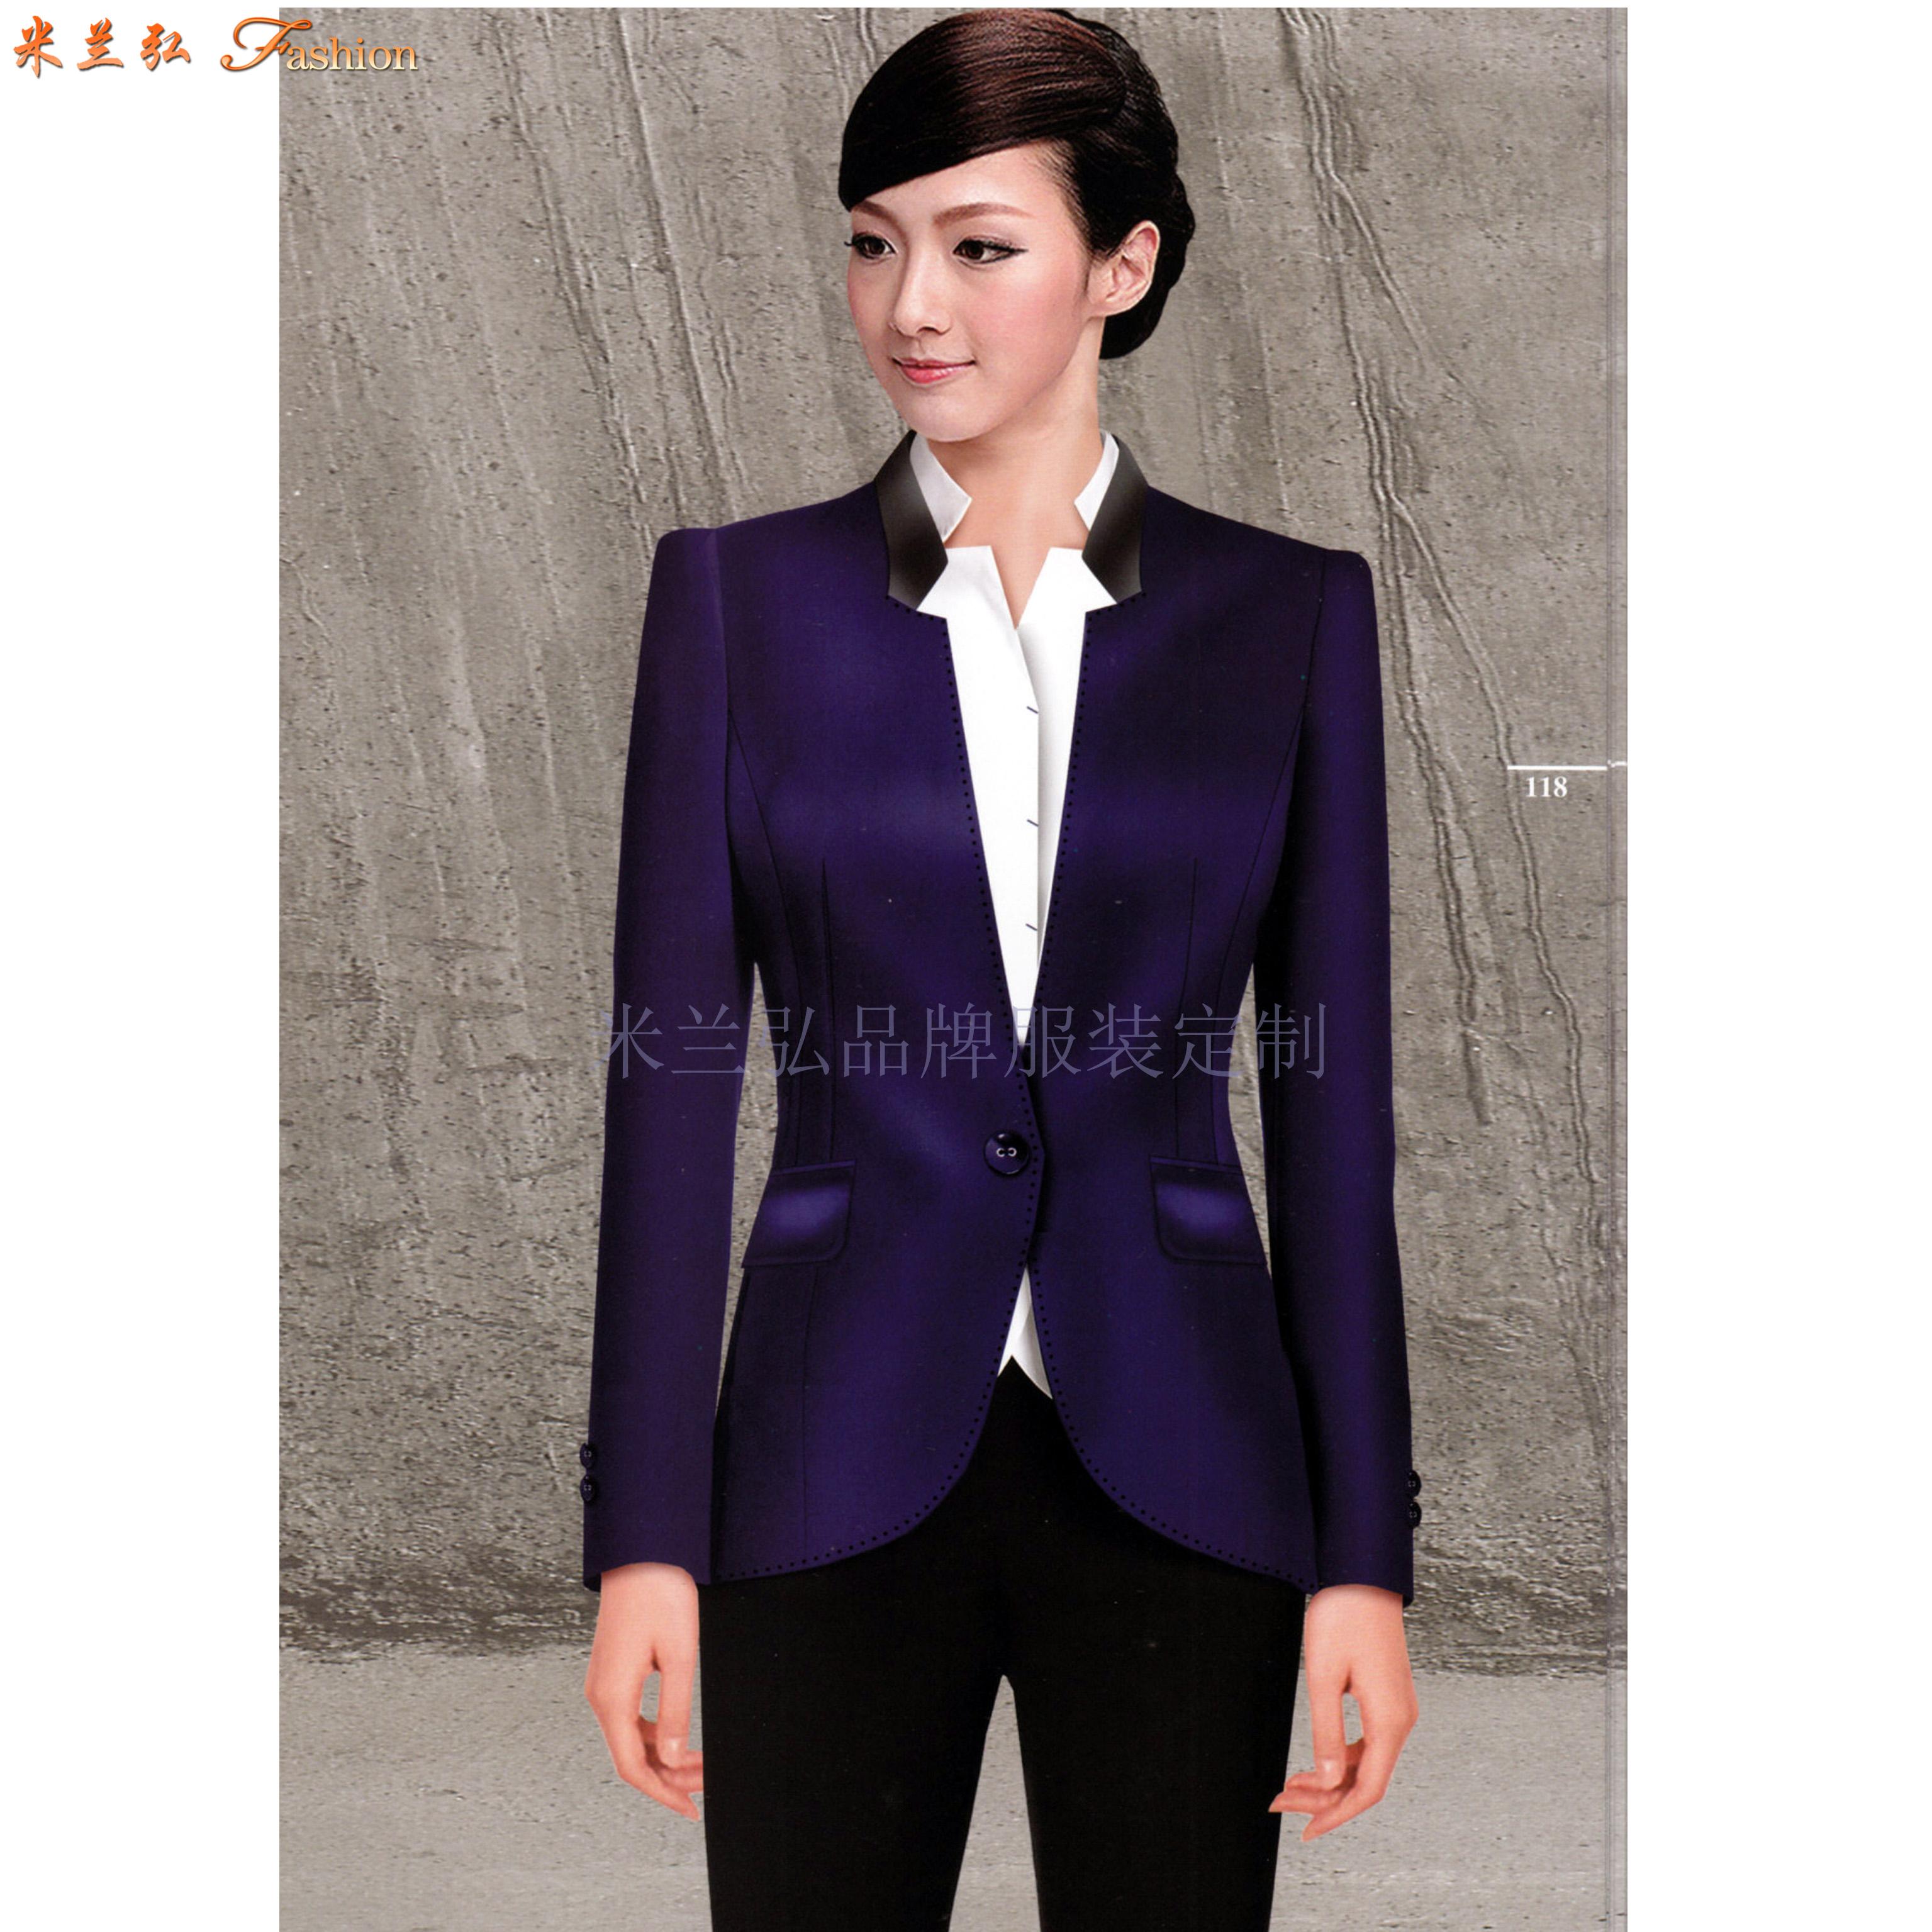 「河北職業裝」廊坊市量身訂做時尚職業裝廠家-米蘭弘服裝-5